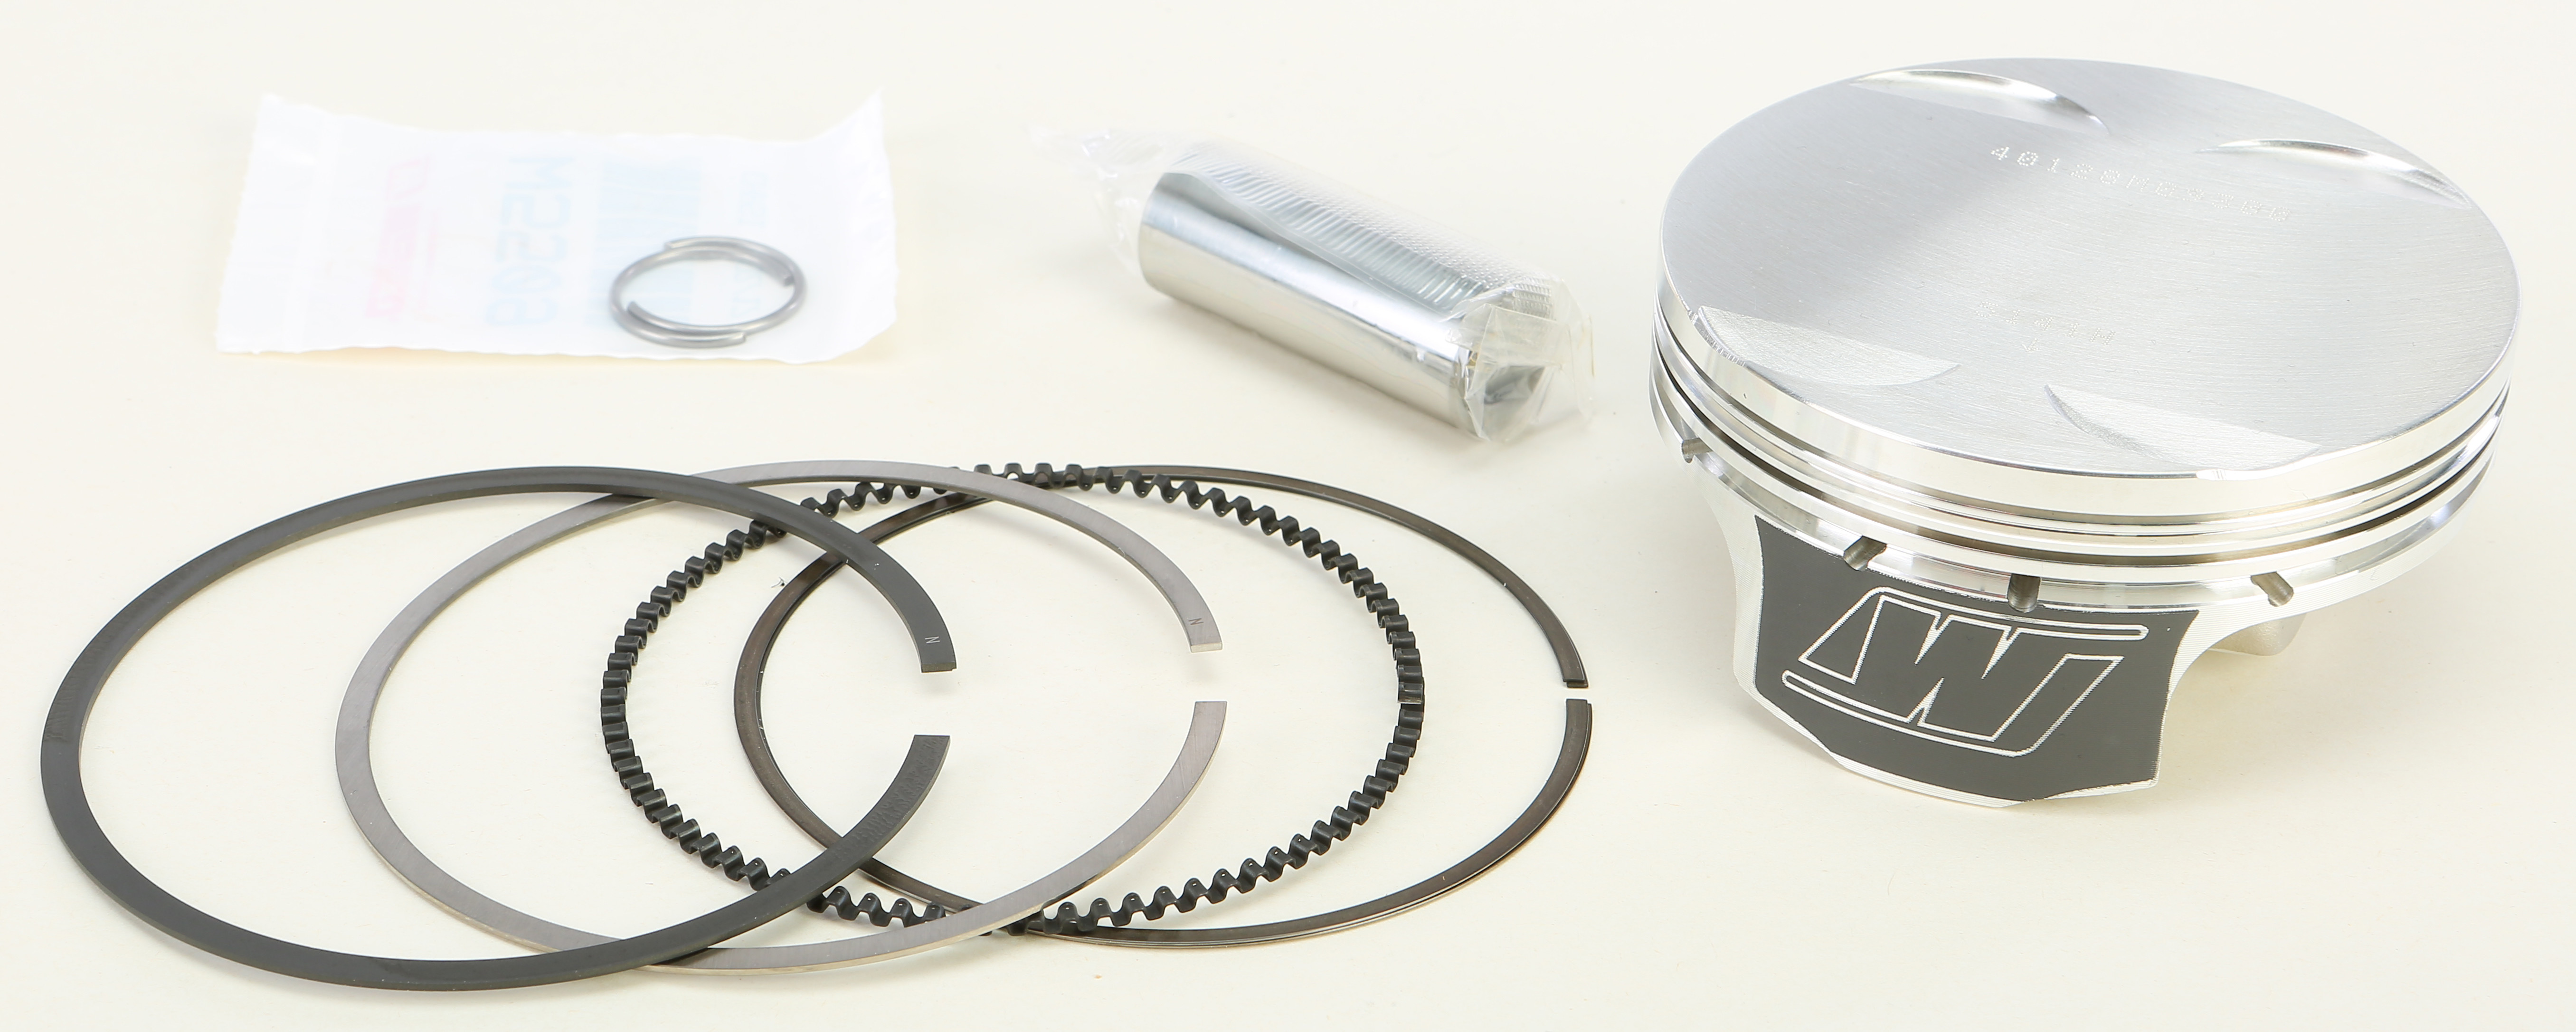 Wiseco 40045M09300 Piston Kit for 2011-14 Polaris Ranger RZR XP 900 93.00mm